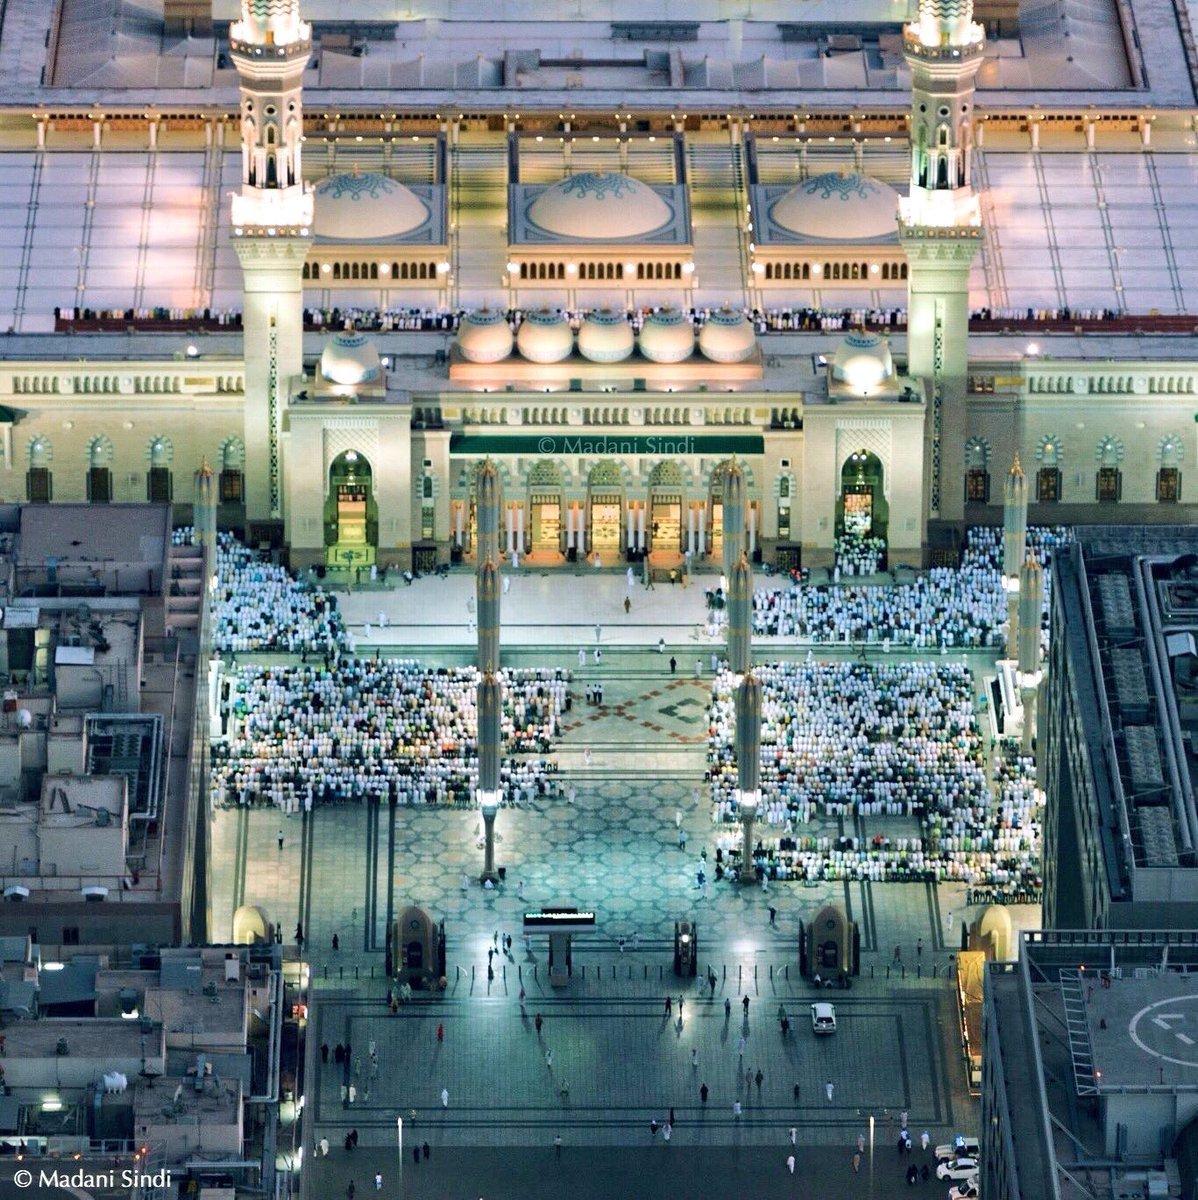 صور جميلة للمسجد النبوي في المدينة المنورة.  #رمضان #اخر_جمعة_في_رمضان...